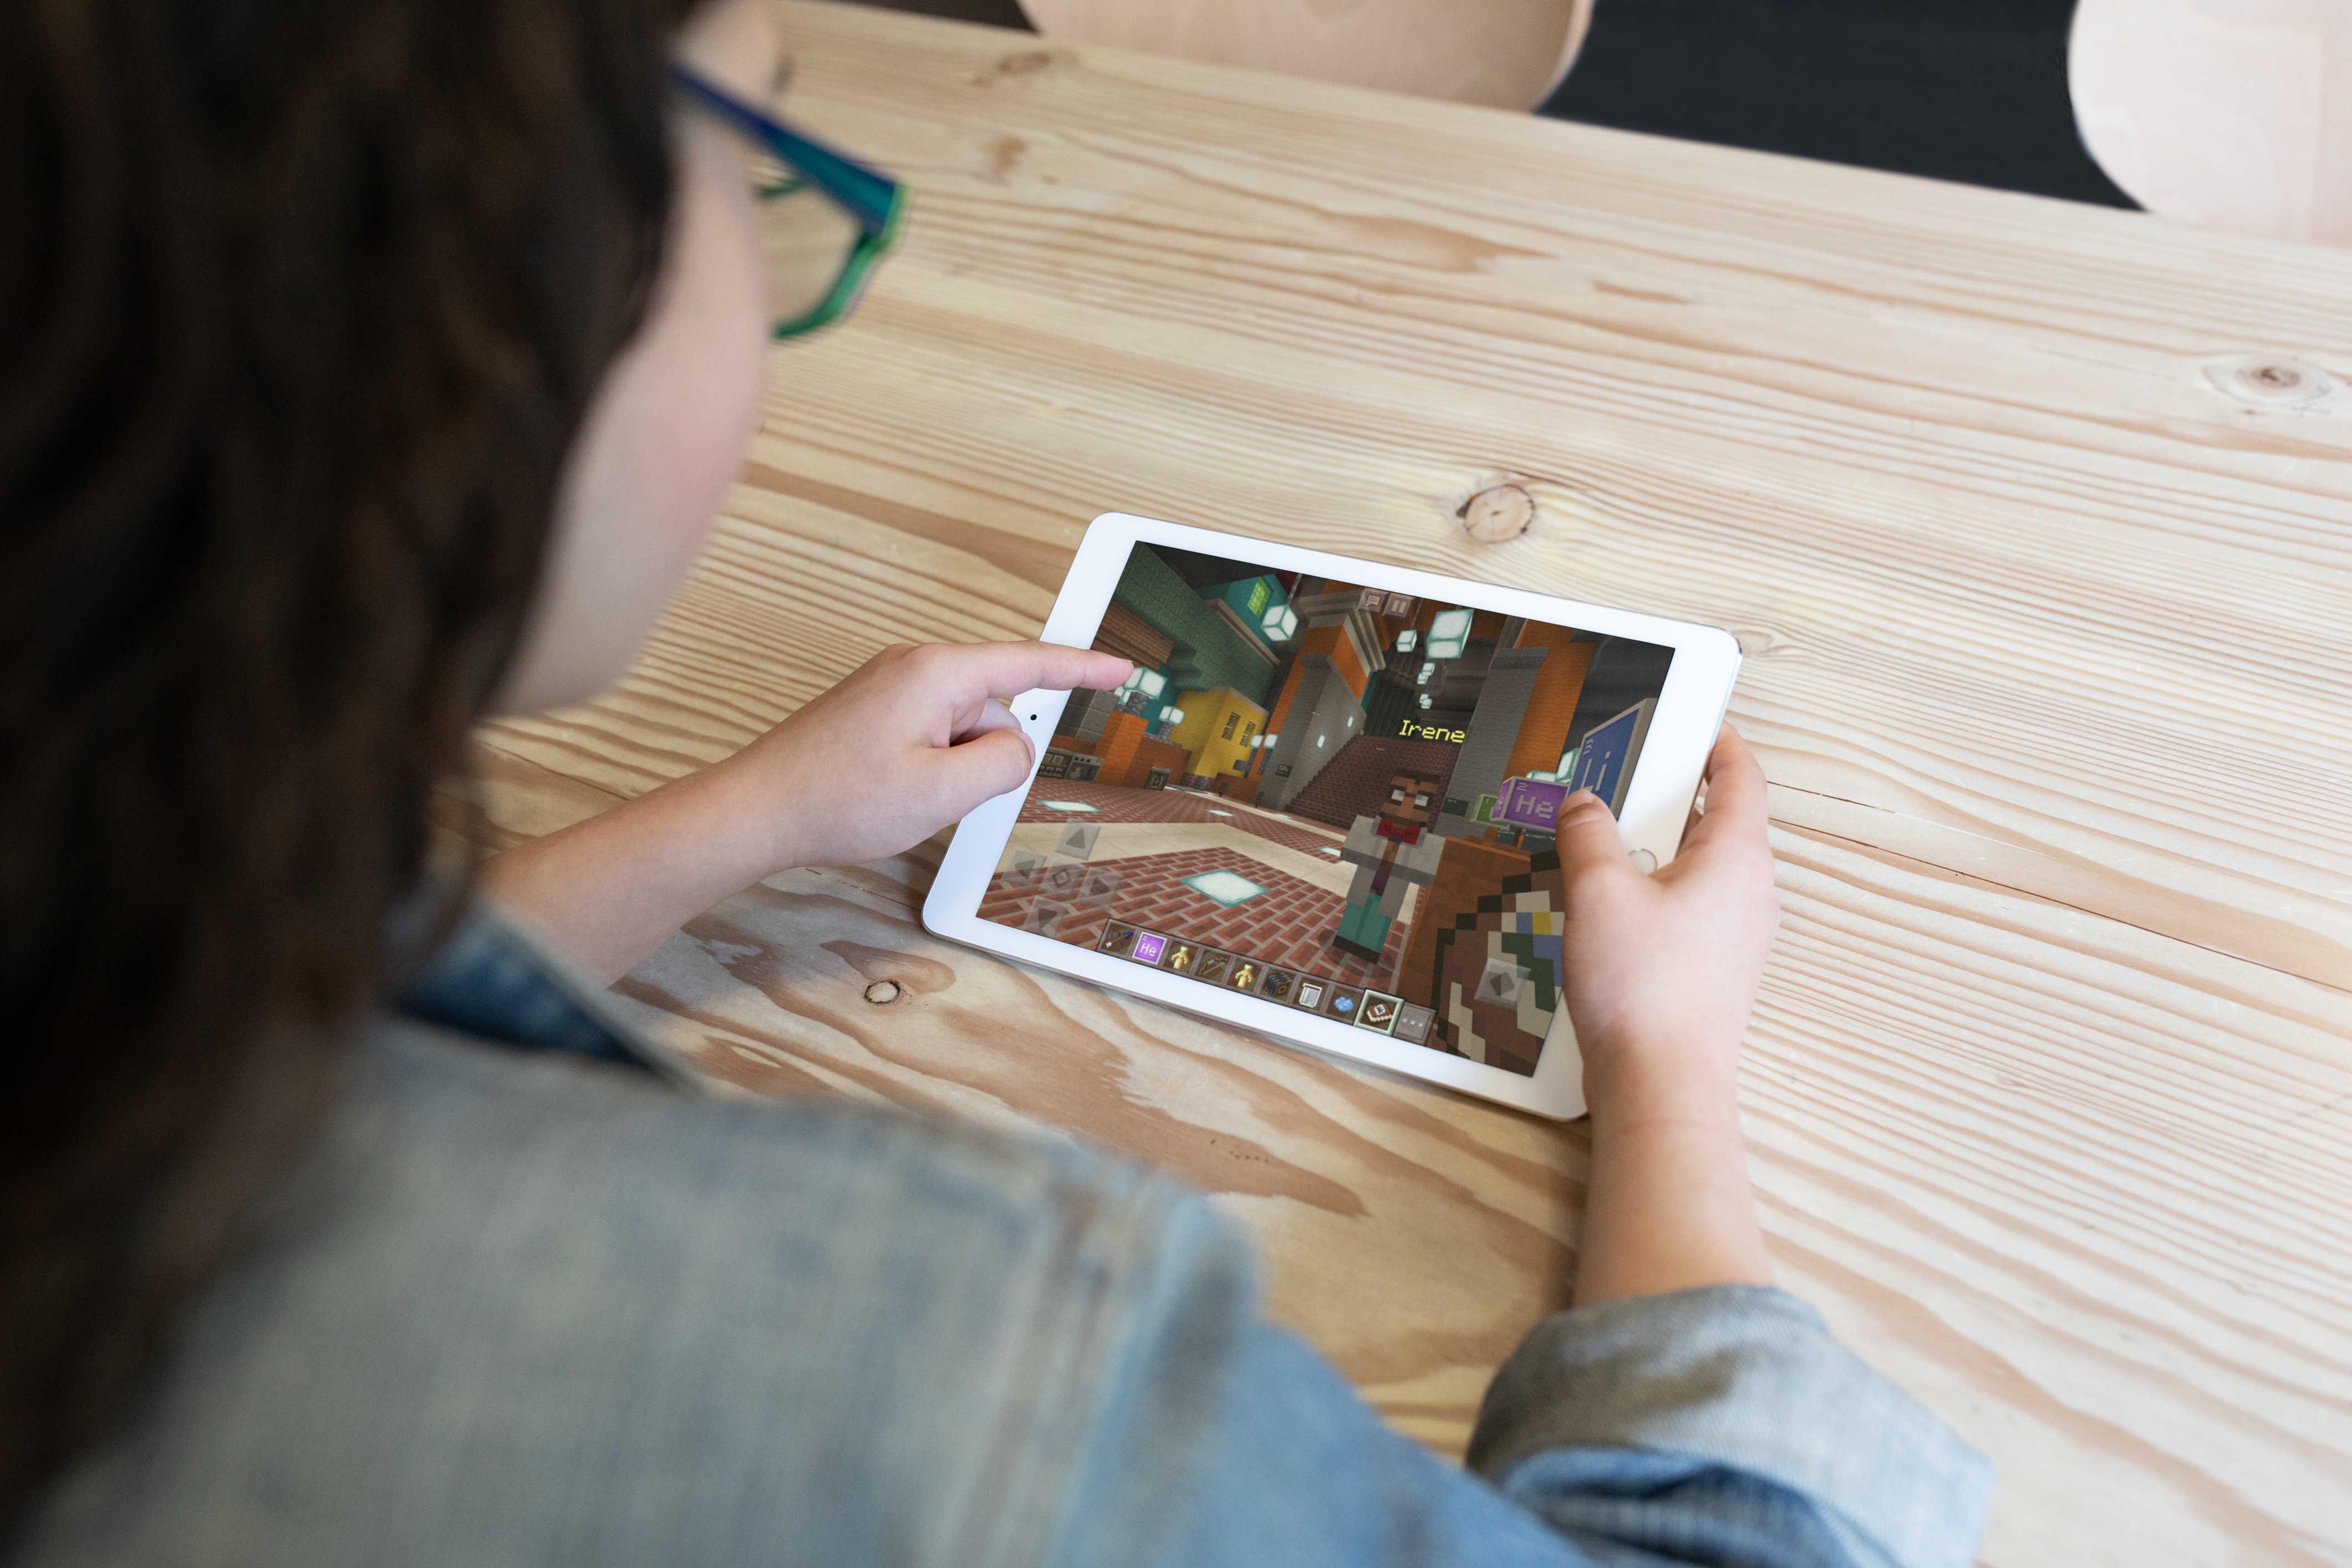 divenka hraje Minecraft na iPadu